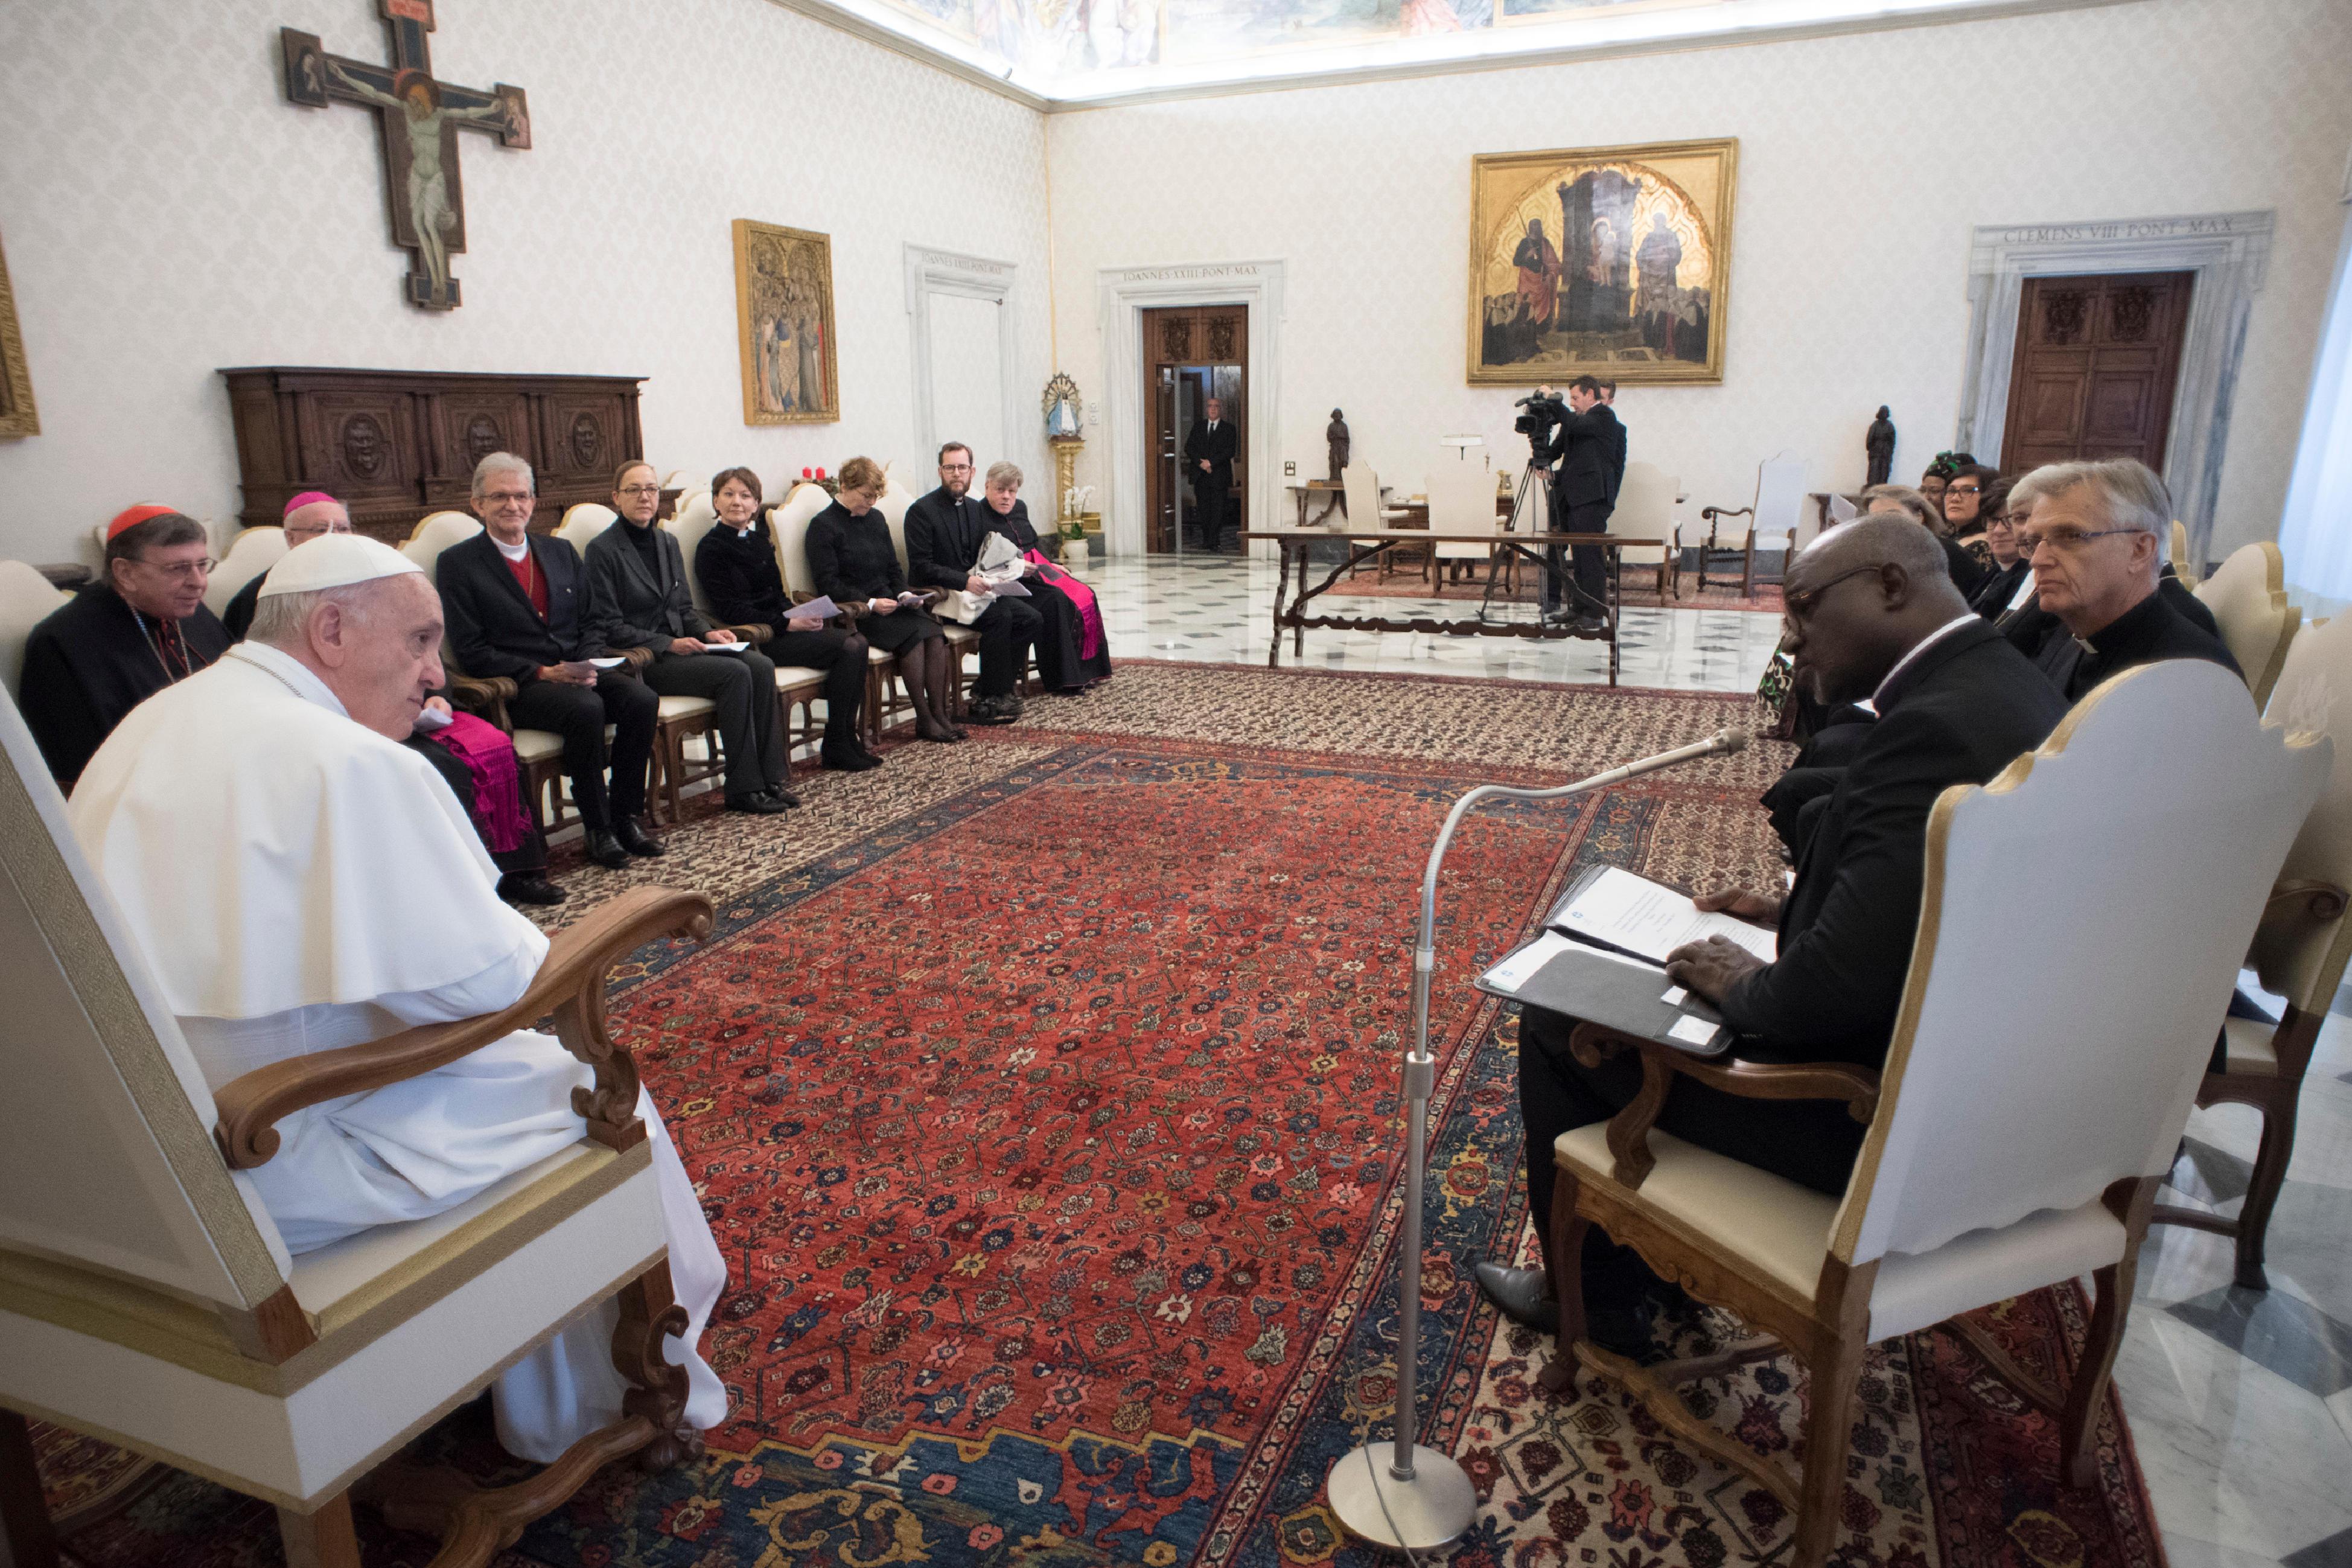 Présidence de la Fédération luthérienne mondiale © L'Osservatore Romano